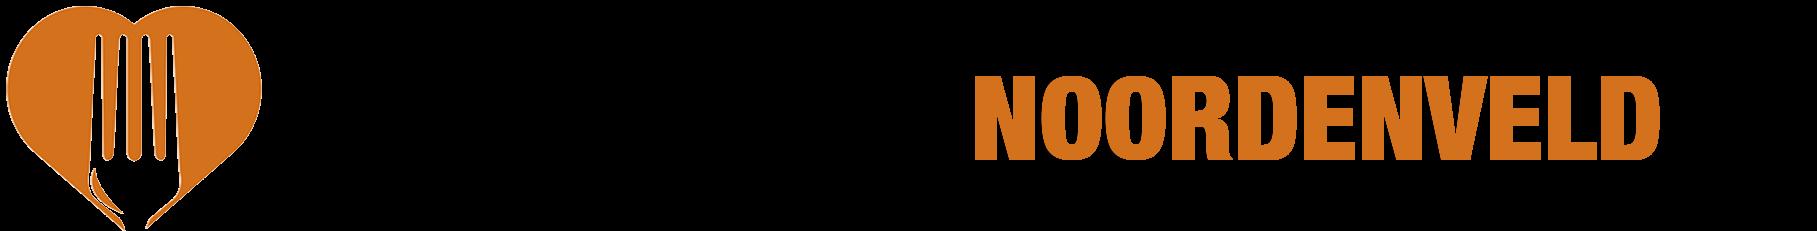 Voedselbank Noordenveld